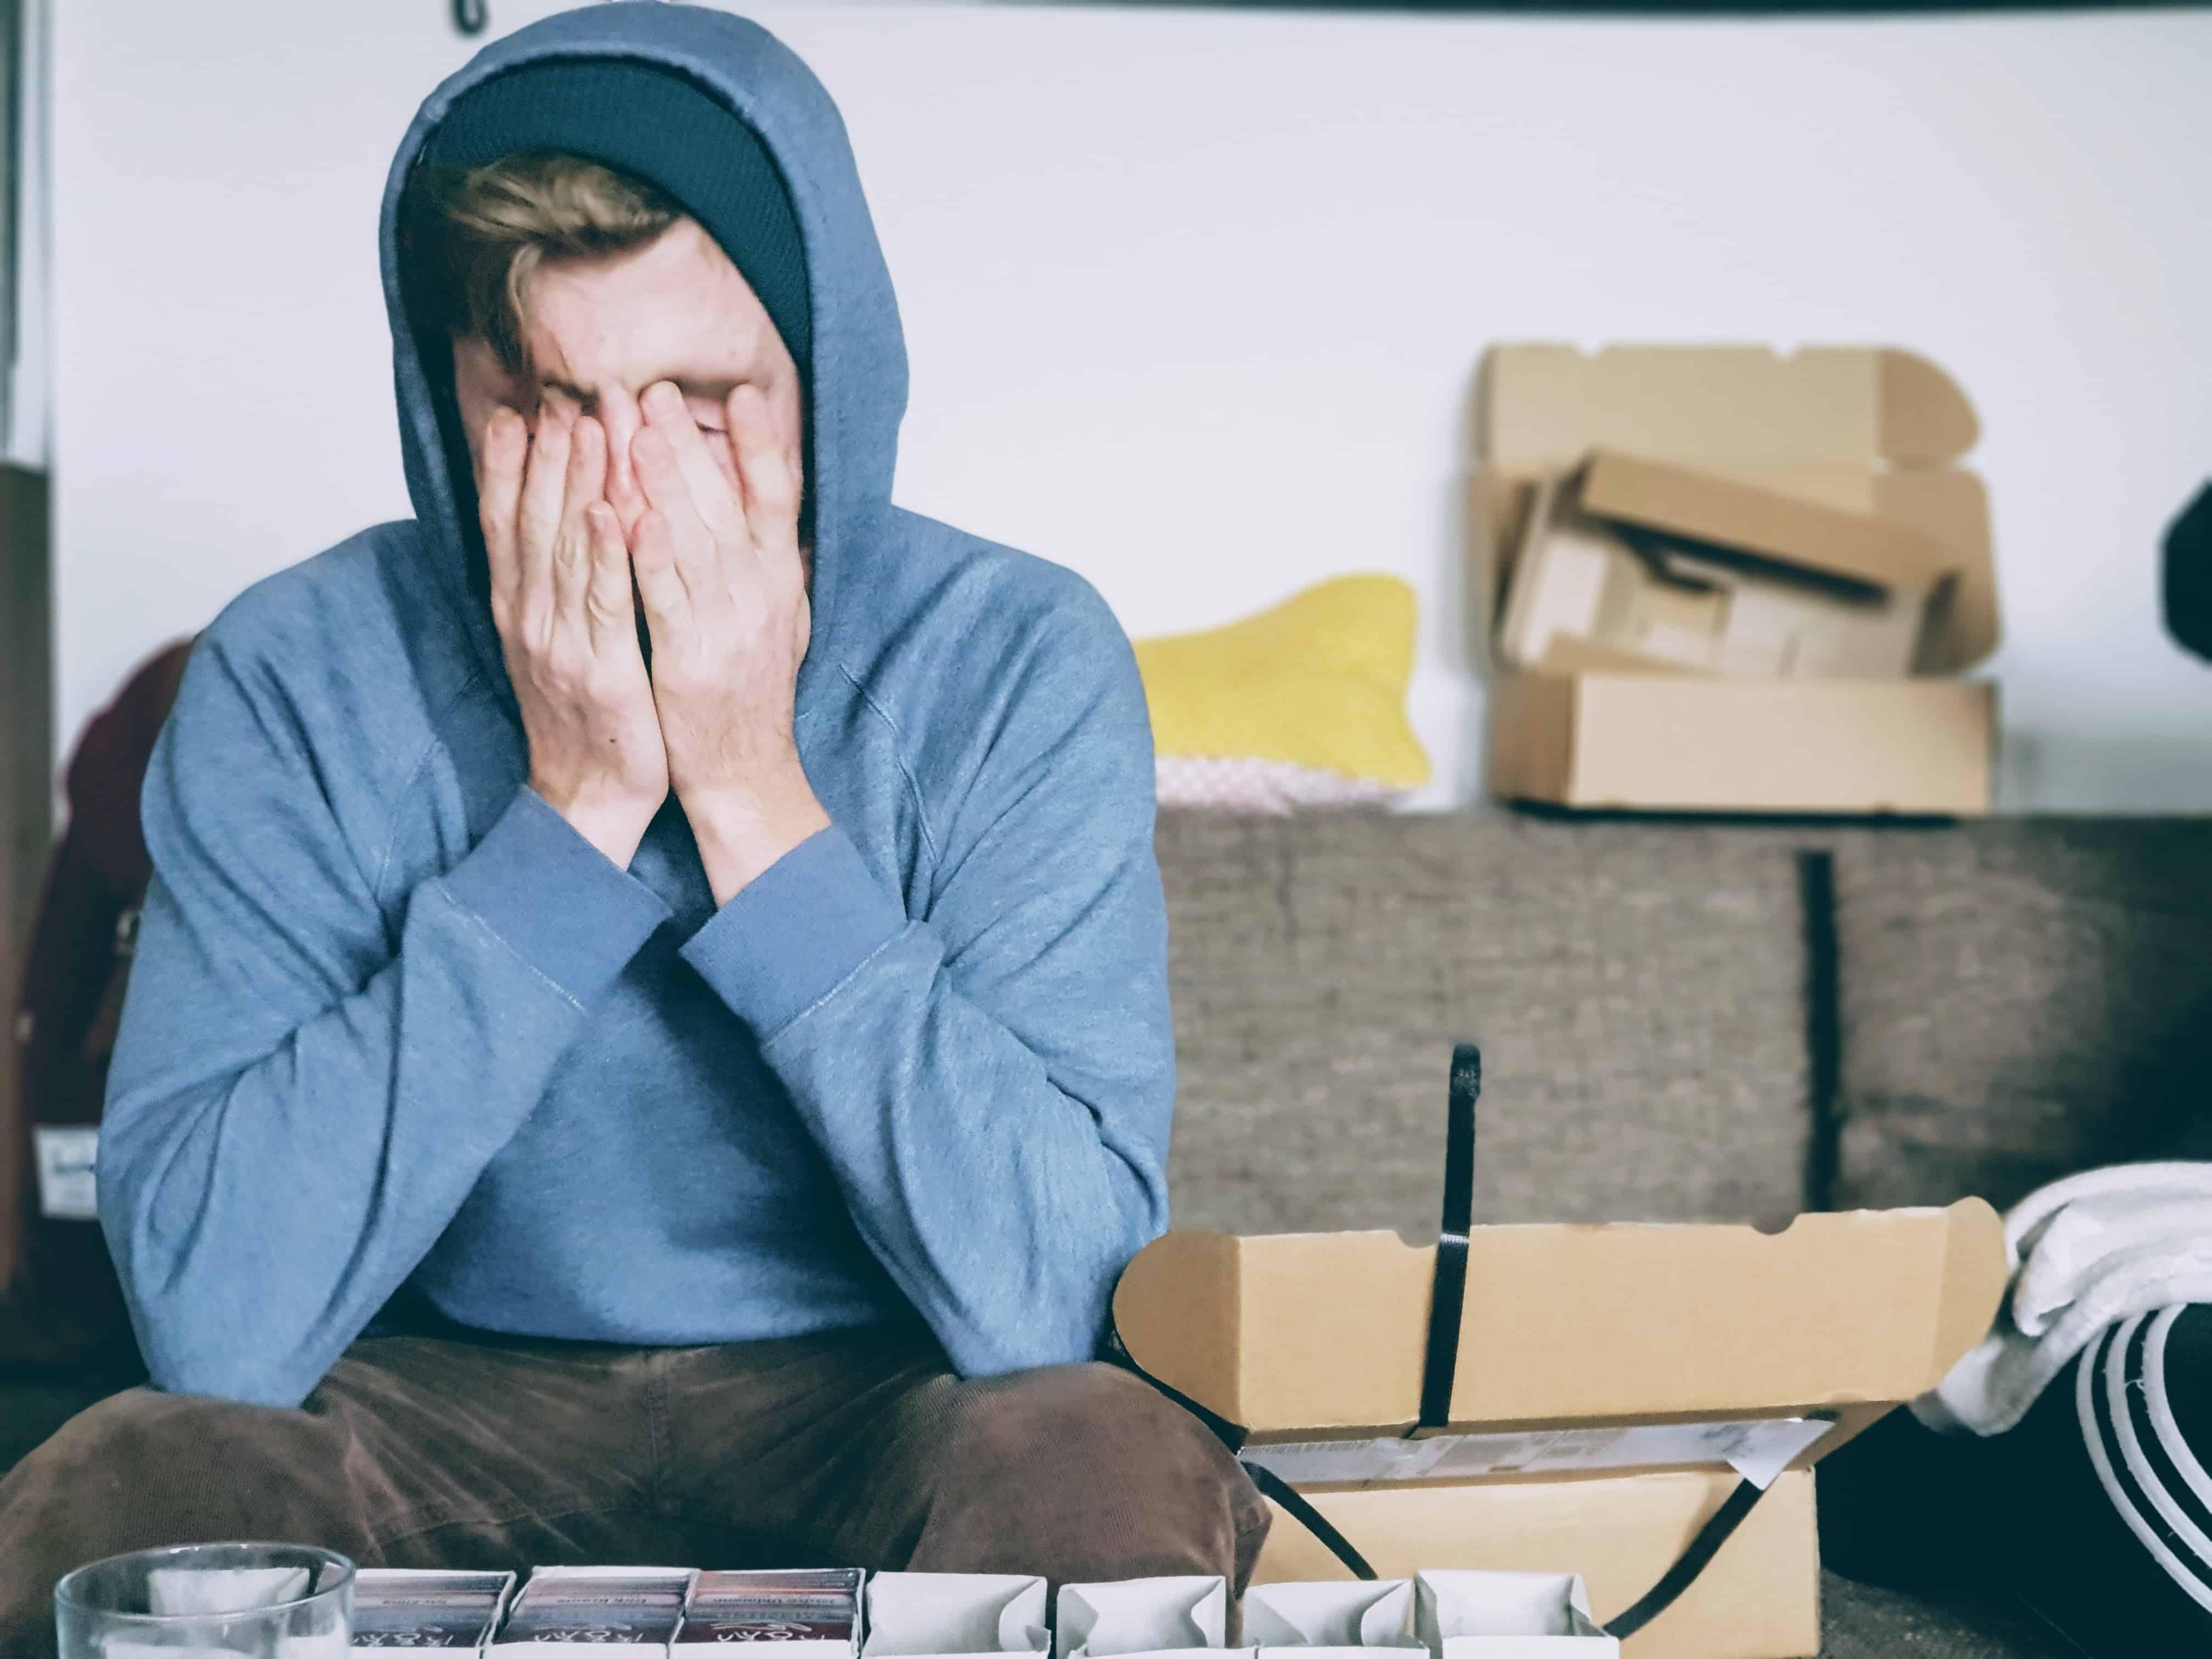 A stressz potenciazavart okozhat. Az EromaxPlus azonban jó megoldás lehet.